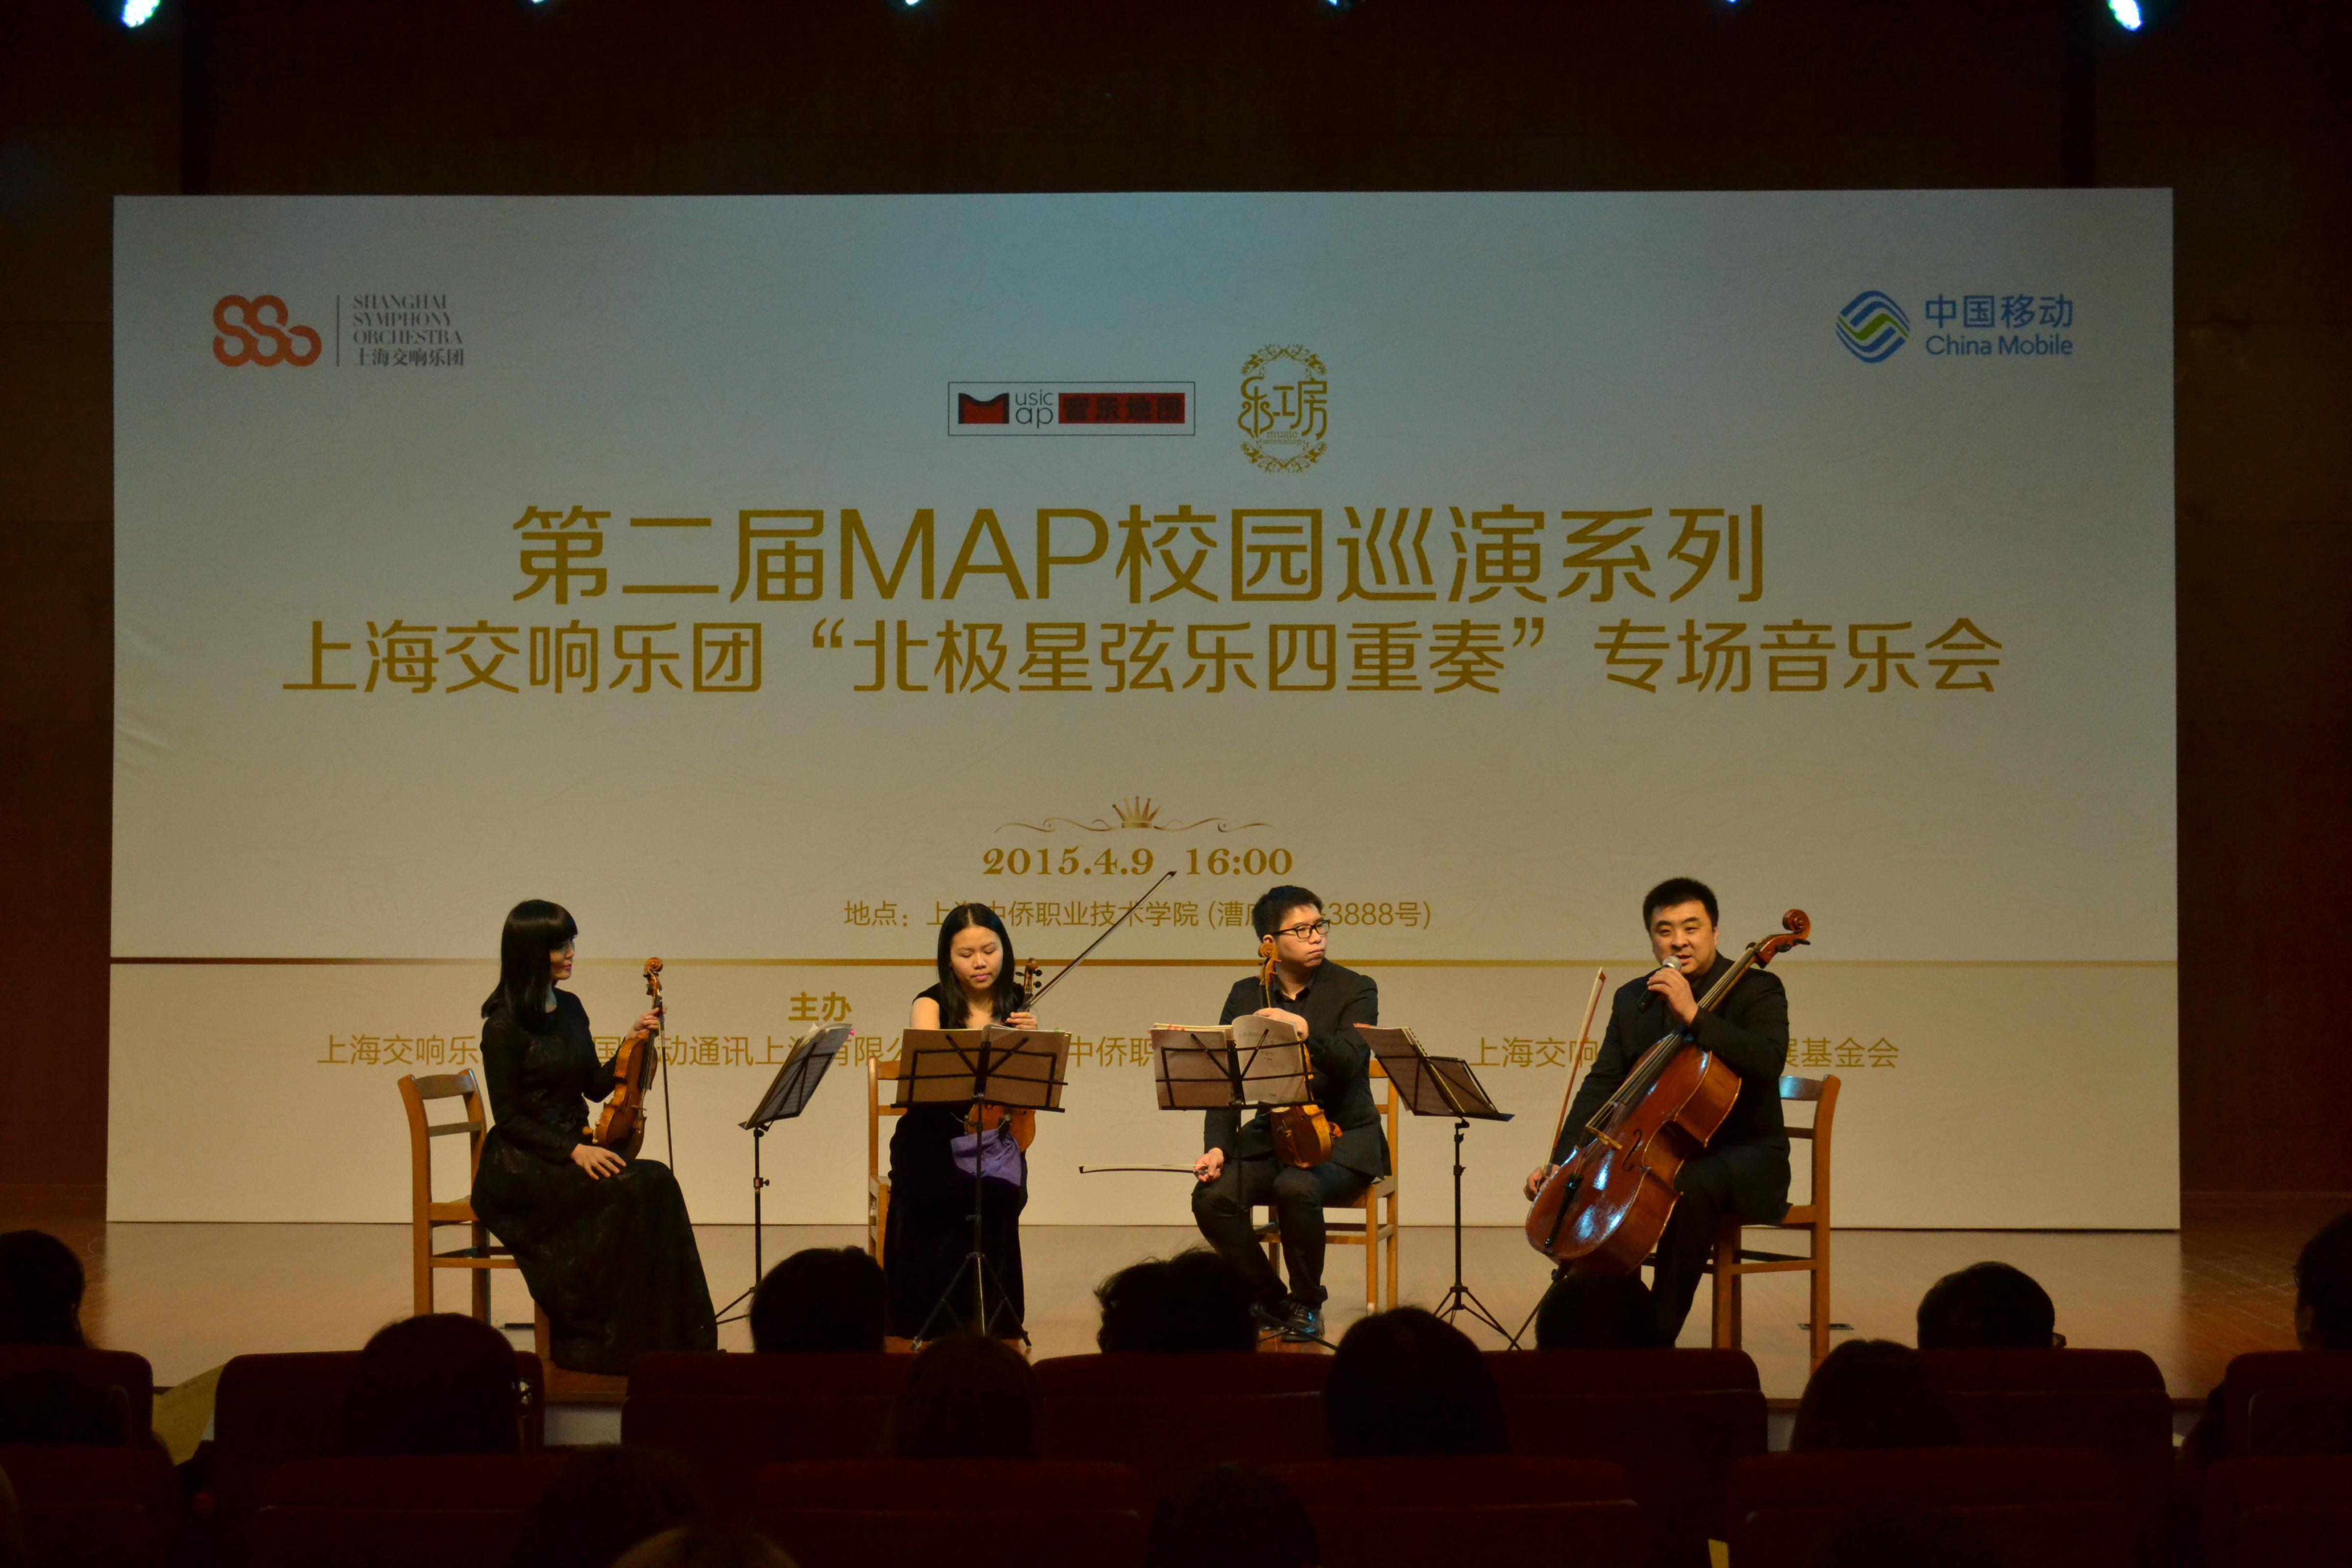 北极星弦乐四重奏的黄北星老师边演奏边讲解古典音乐知识.